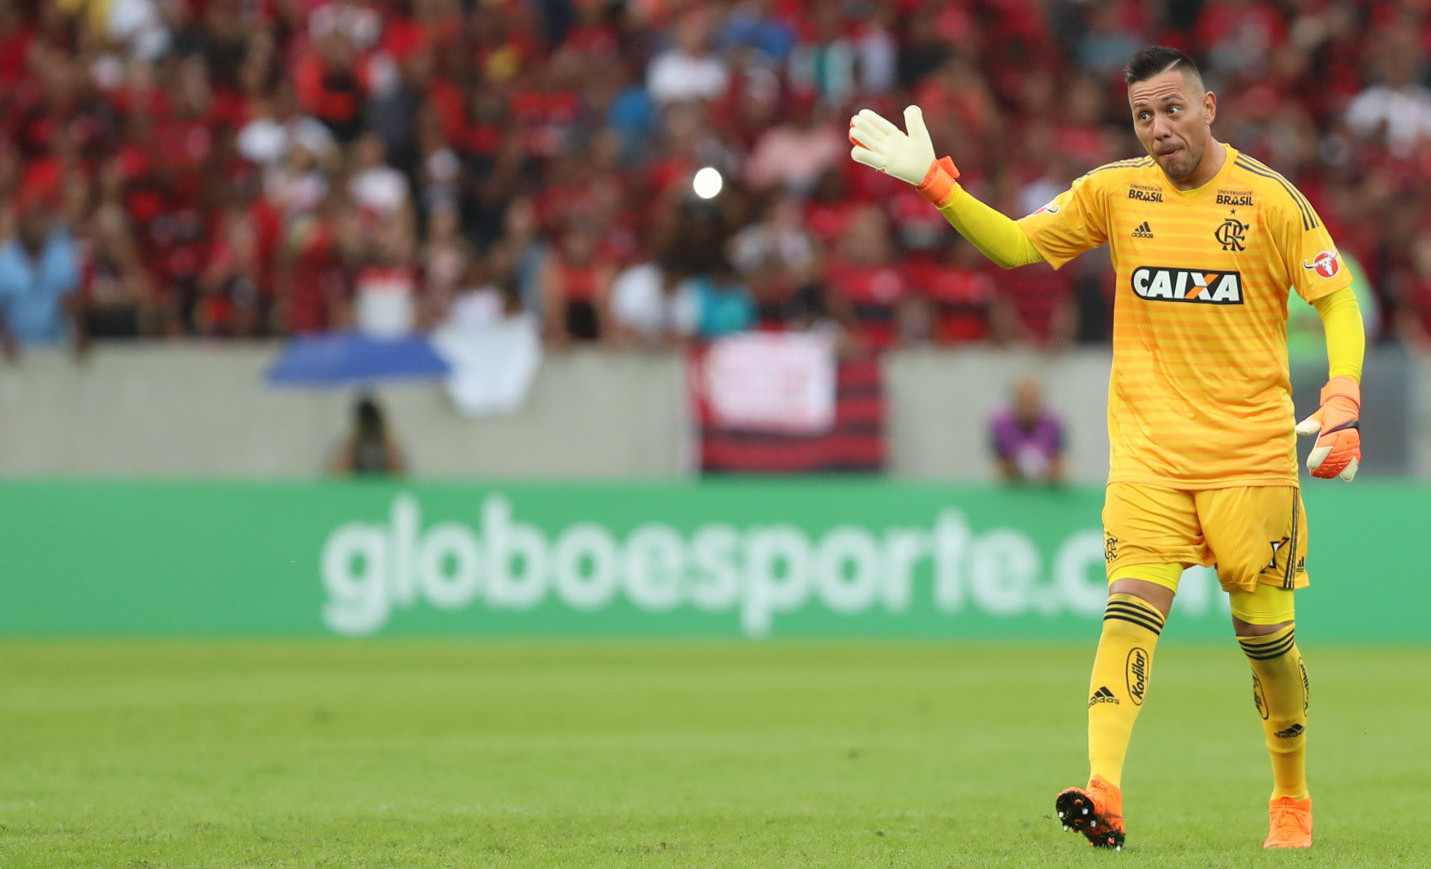 O goleiro Diego Alves, em foto de Gilvan de Souza/Flamengo.